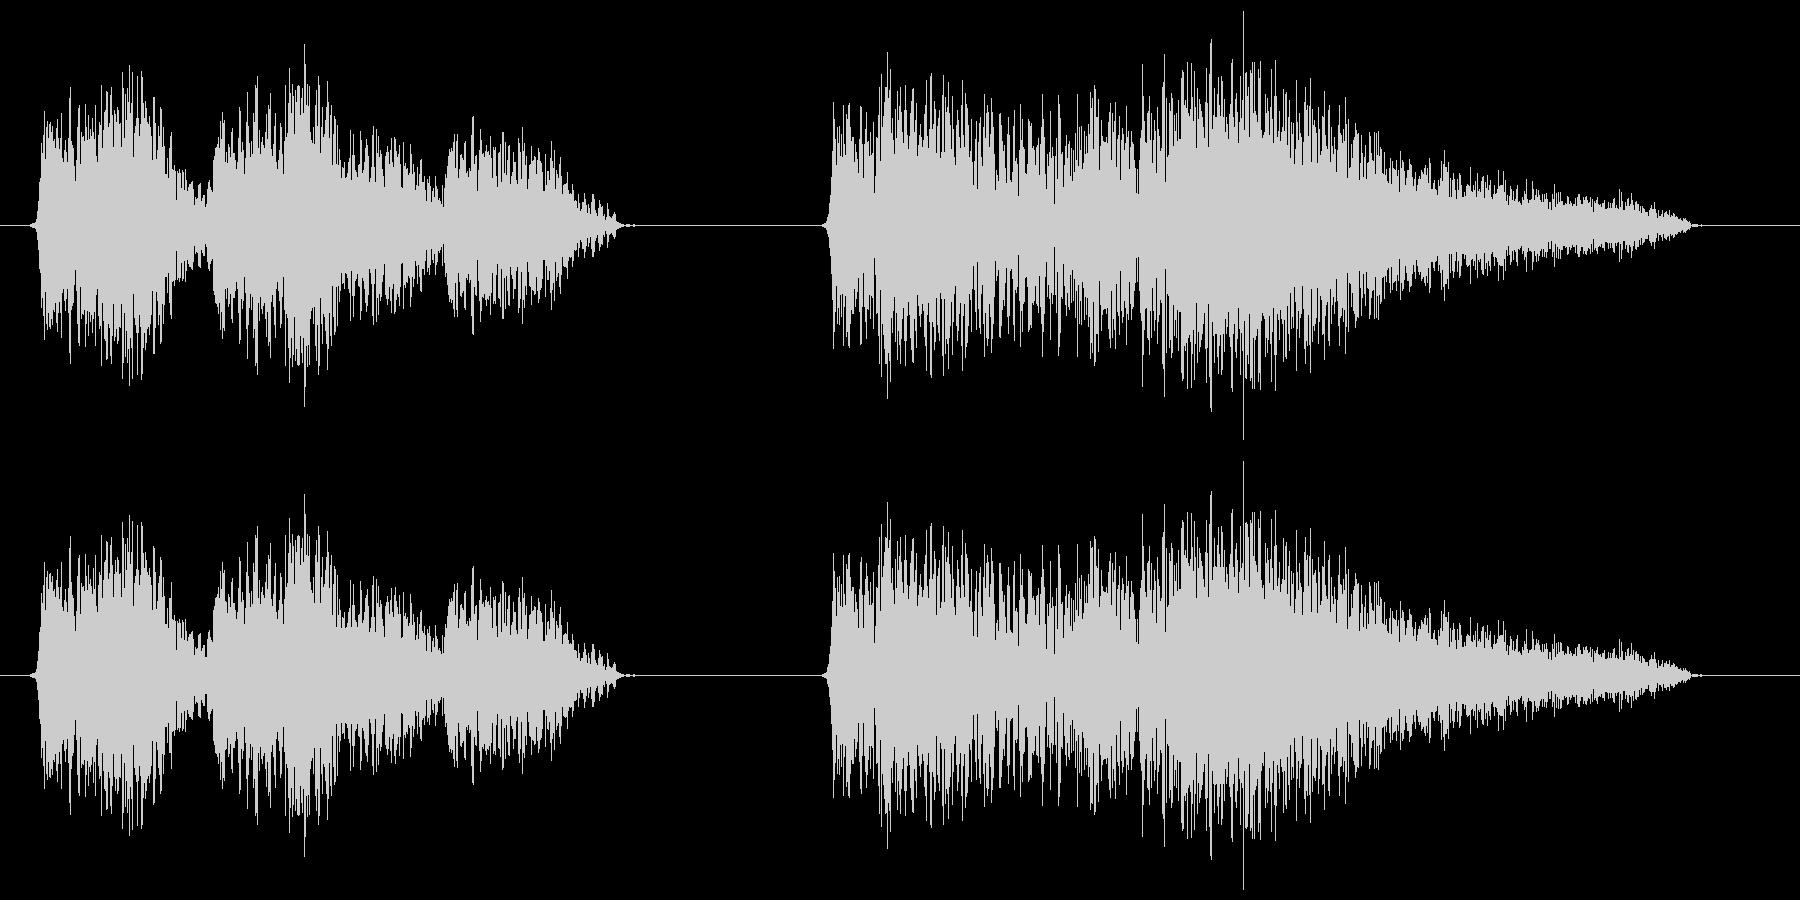 スチームパンク風の機械動作音の未再生の波形